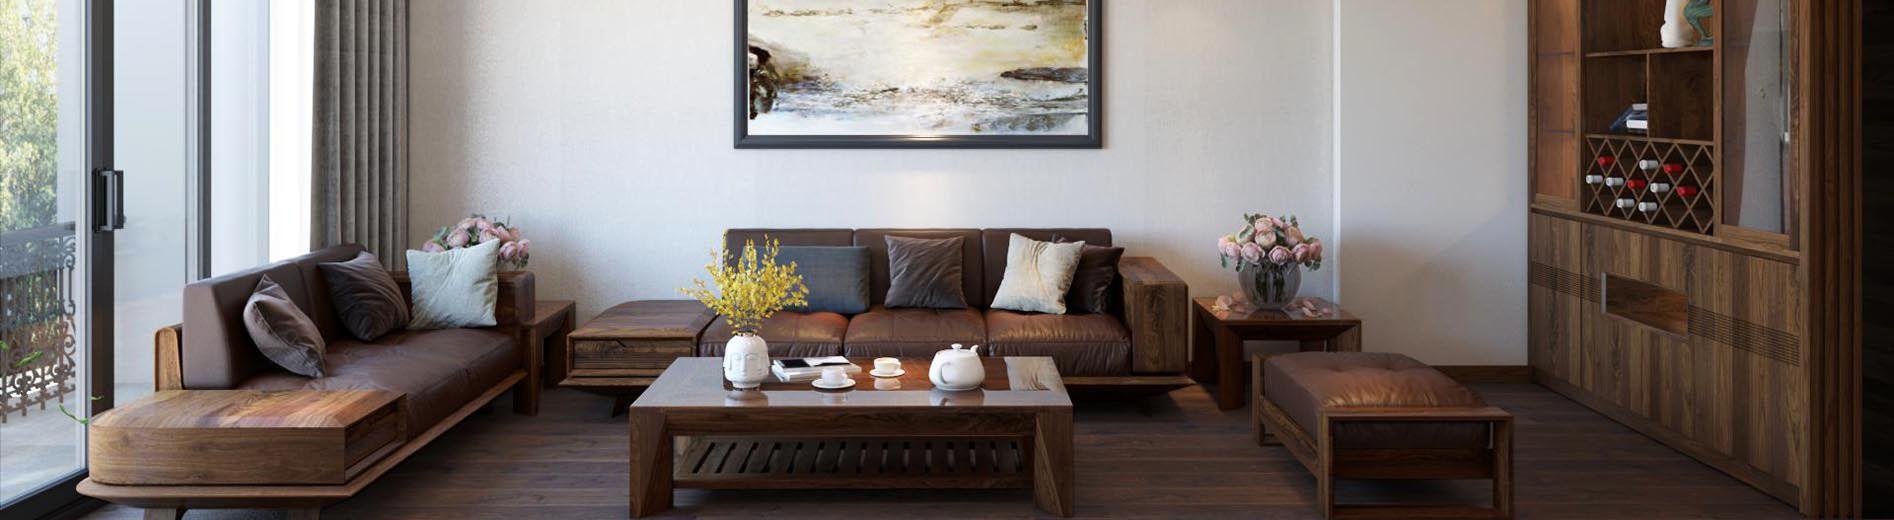 Banner Sofa gỗ óc chó - Nội thất phòng khách đẹp - Nadu Funiture